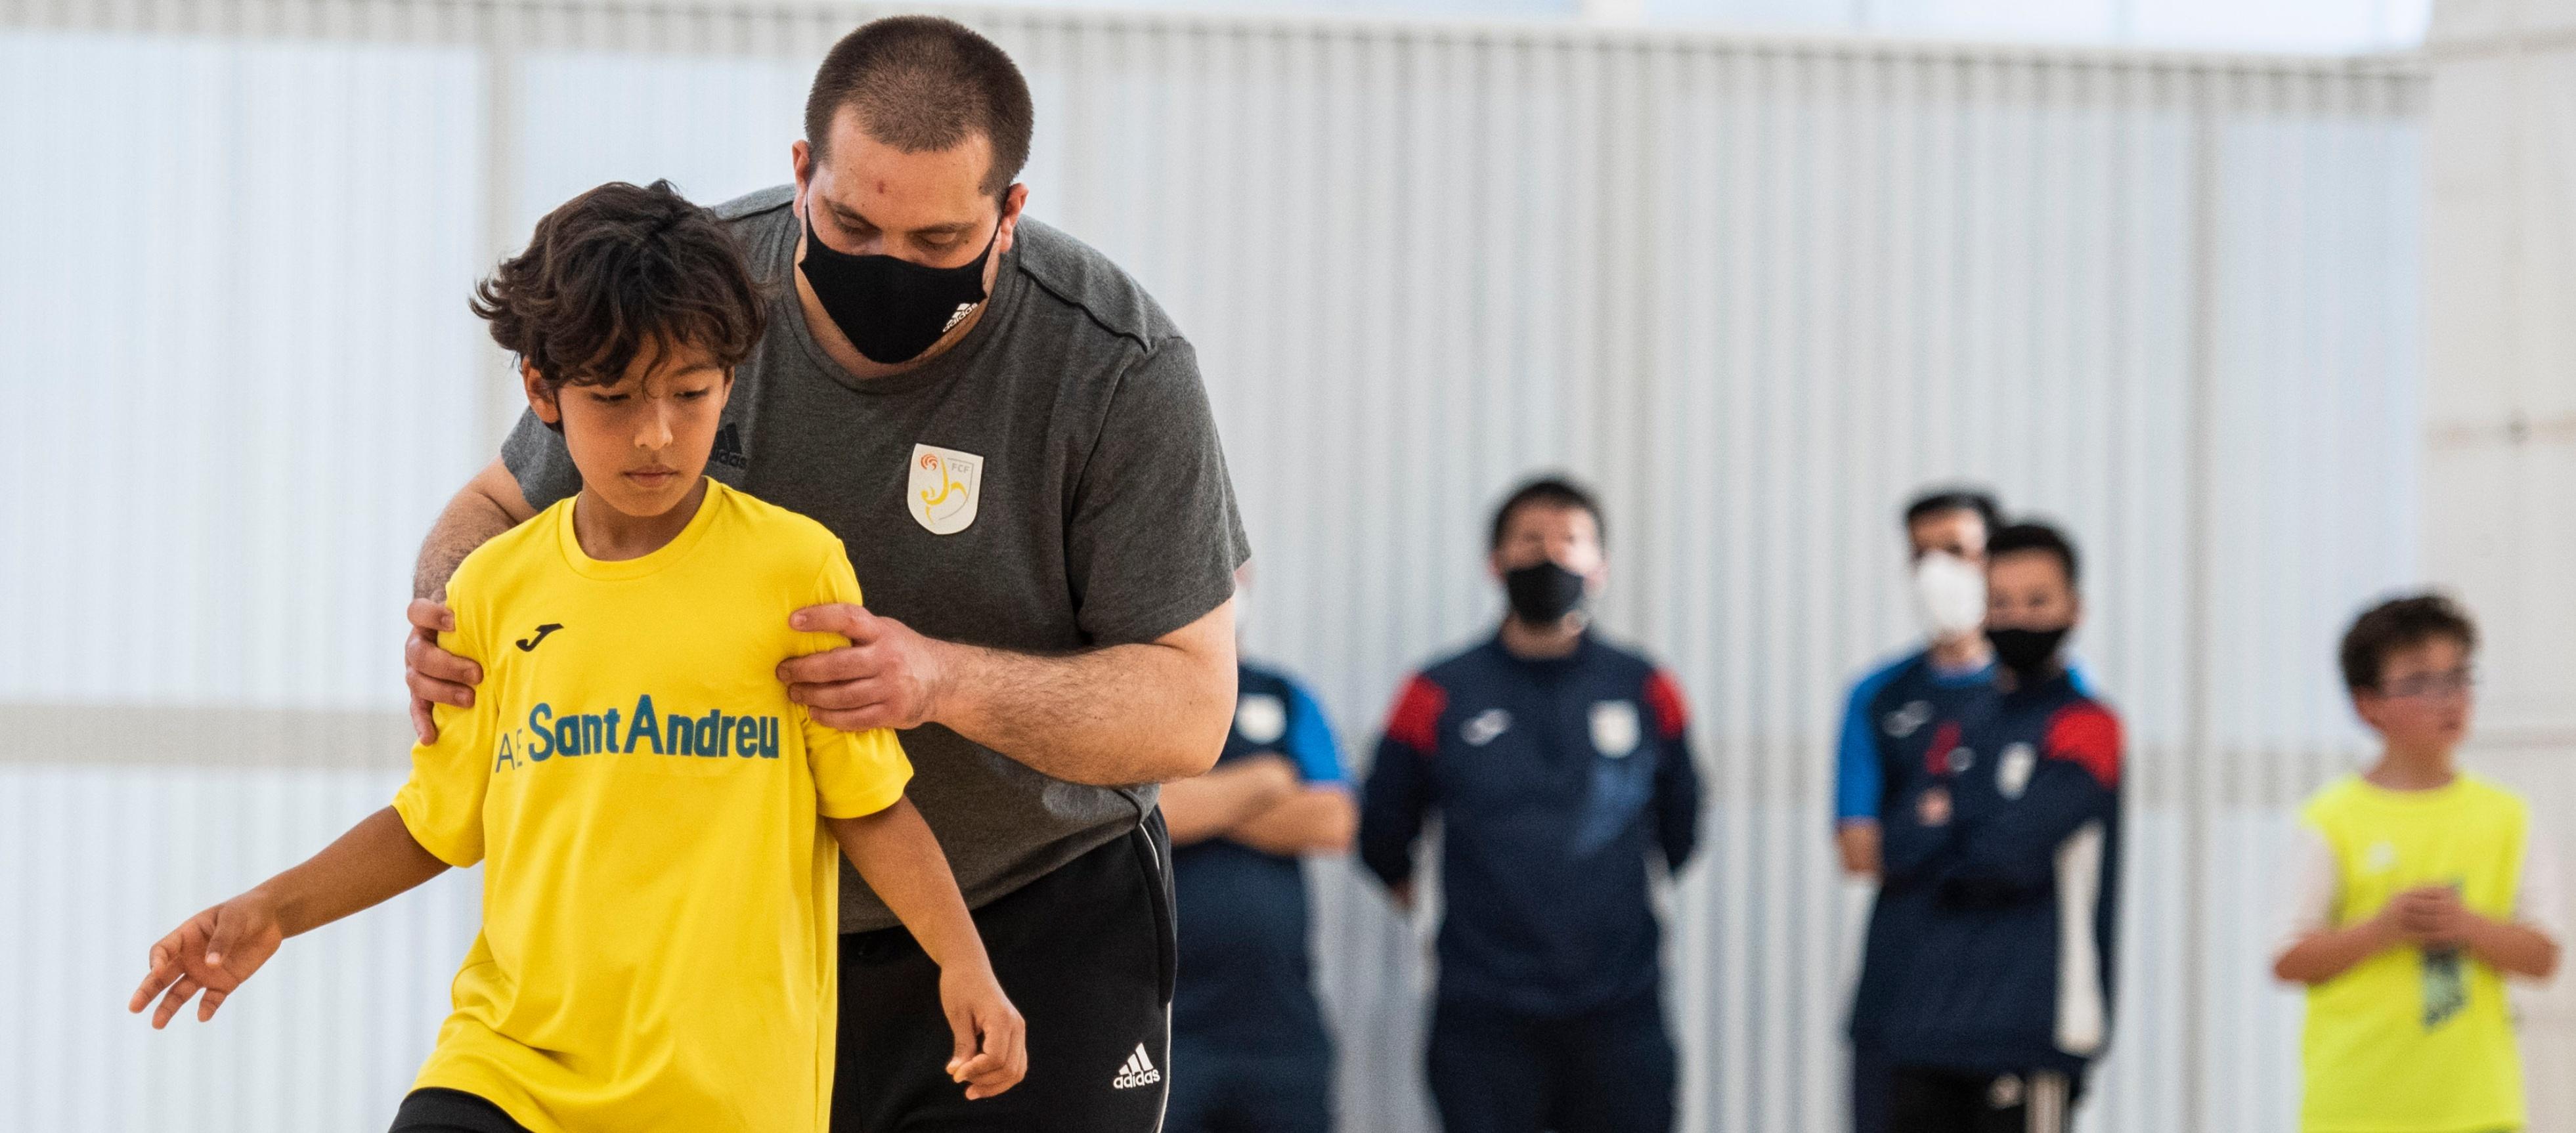 Les Jornades de Tecnificació de futbol sala arriben a Barcelona